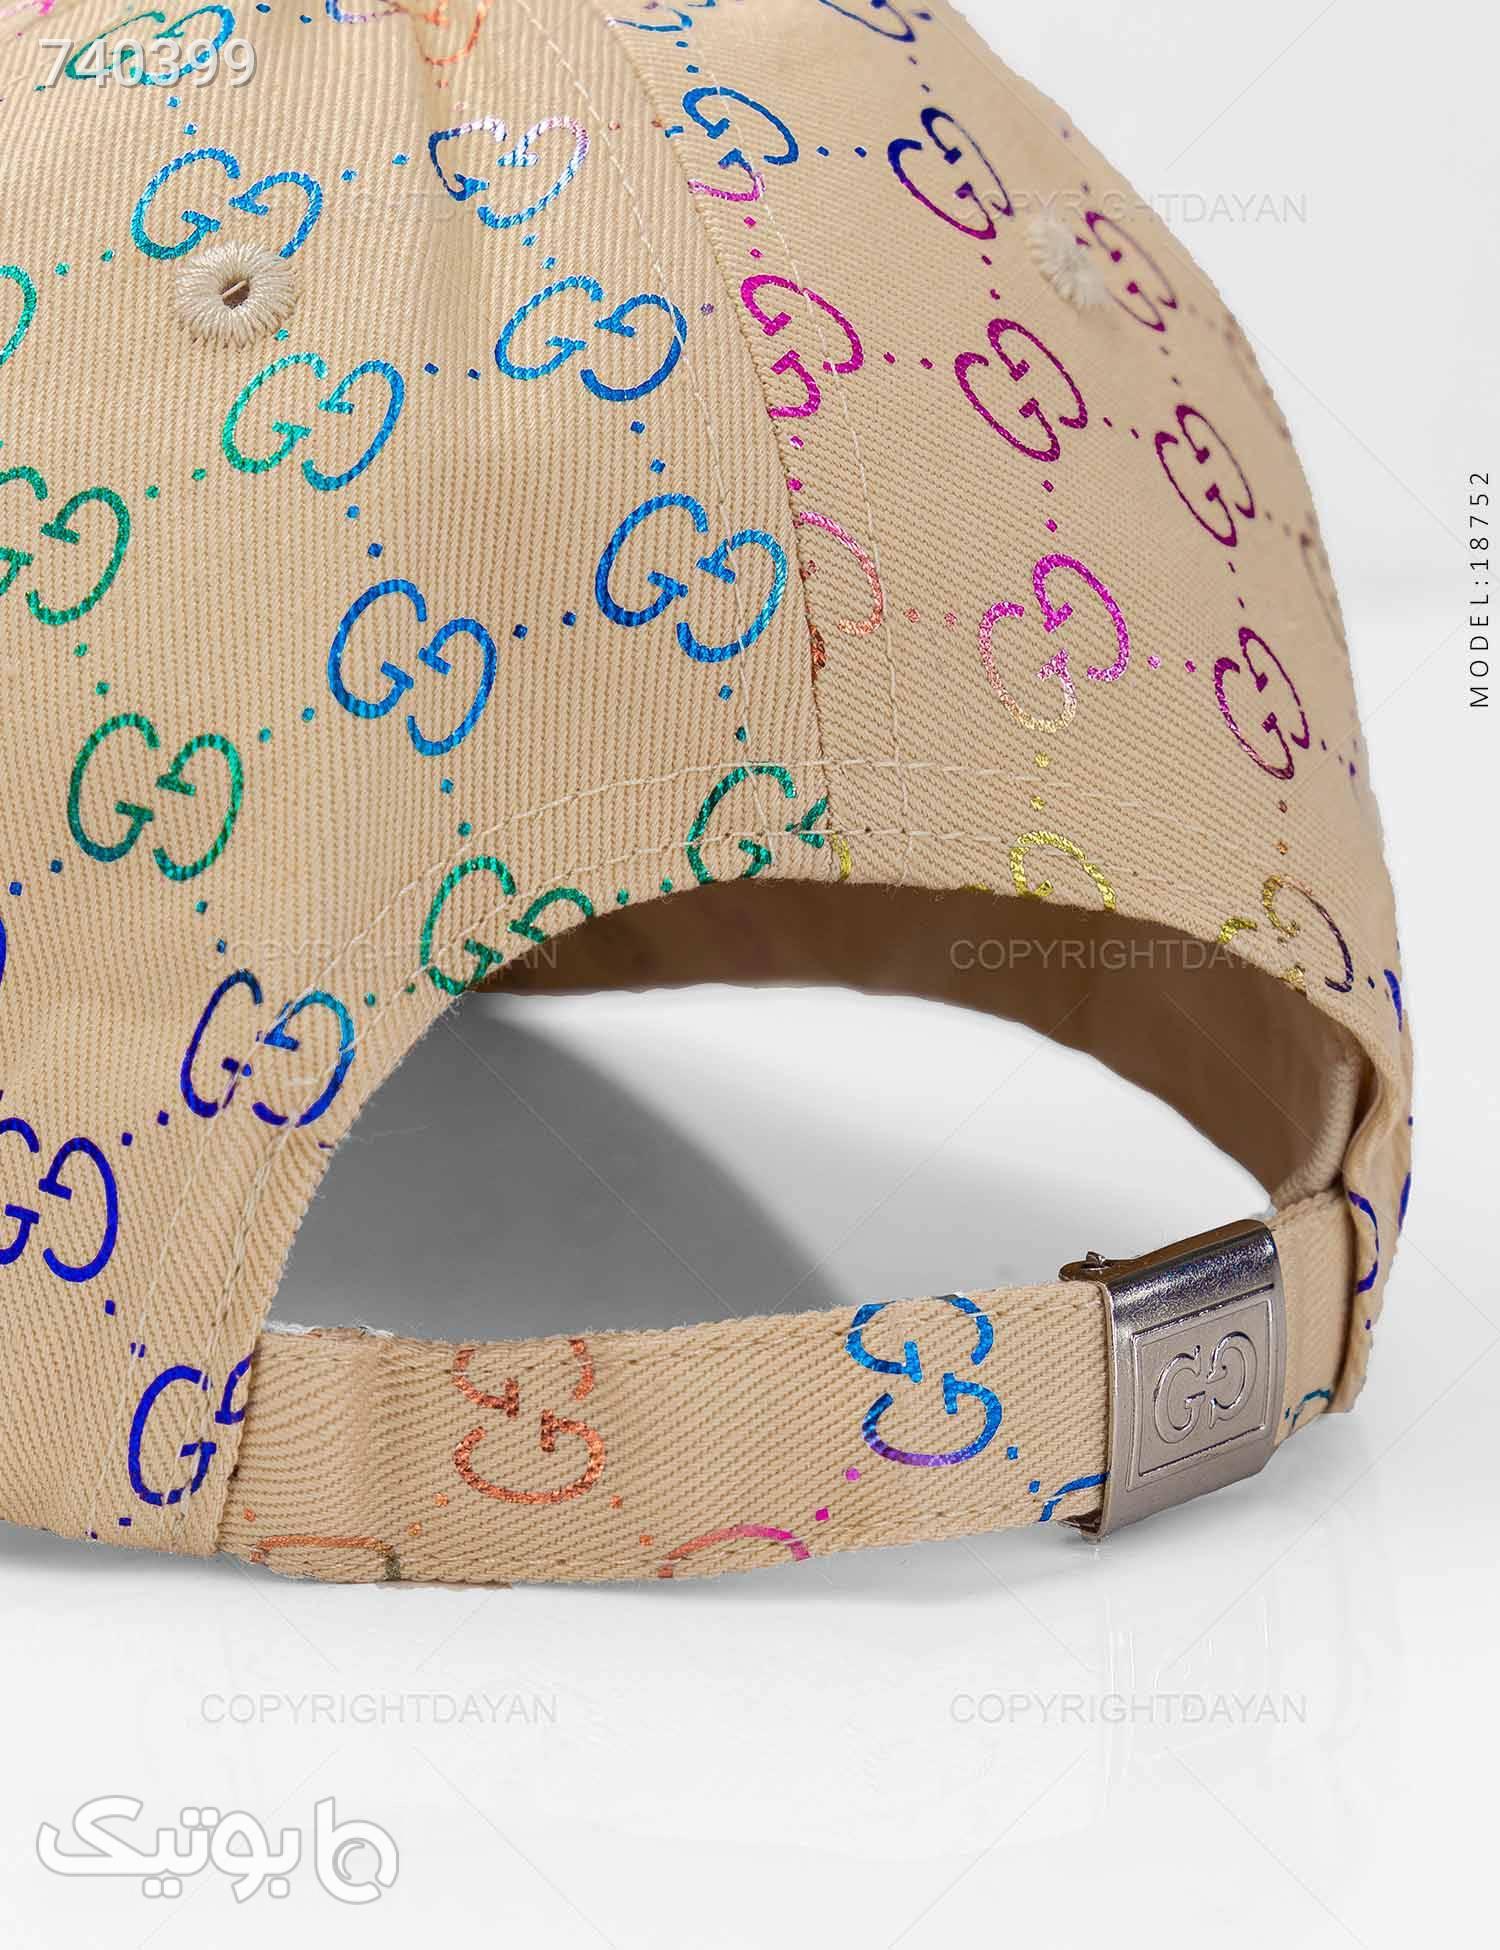 کلاه کپ Gucci مدل 18752 کرم کلاه و اسکارف